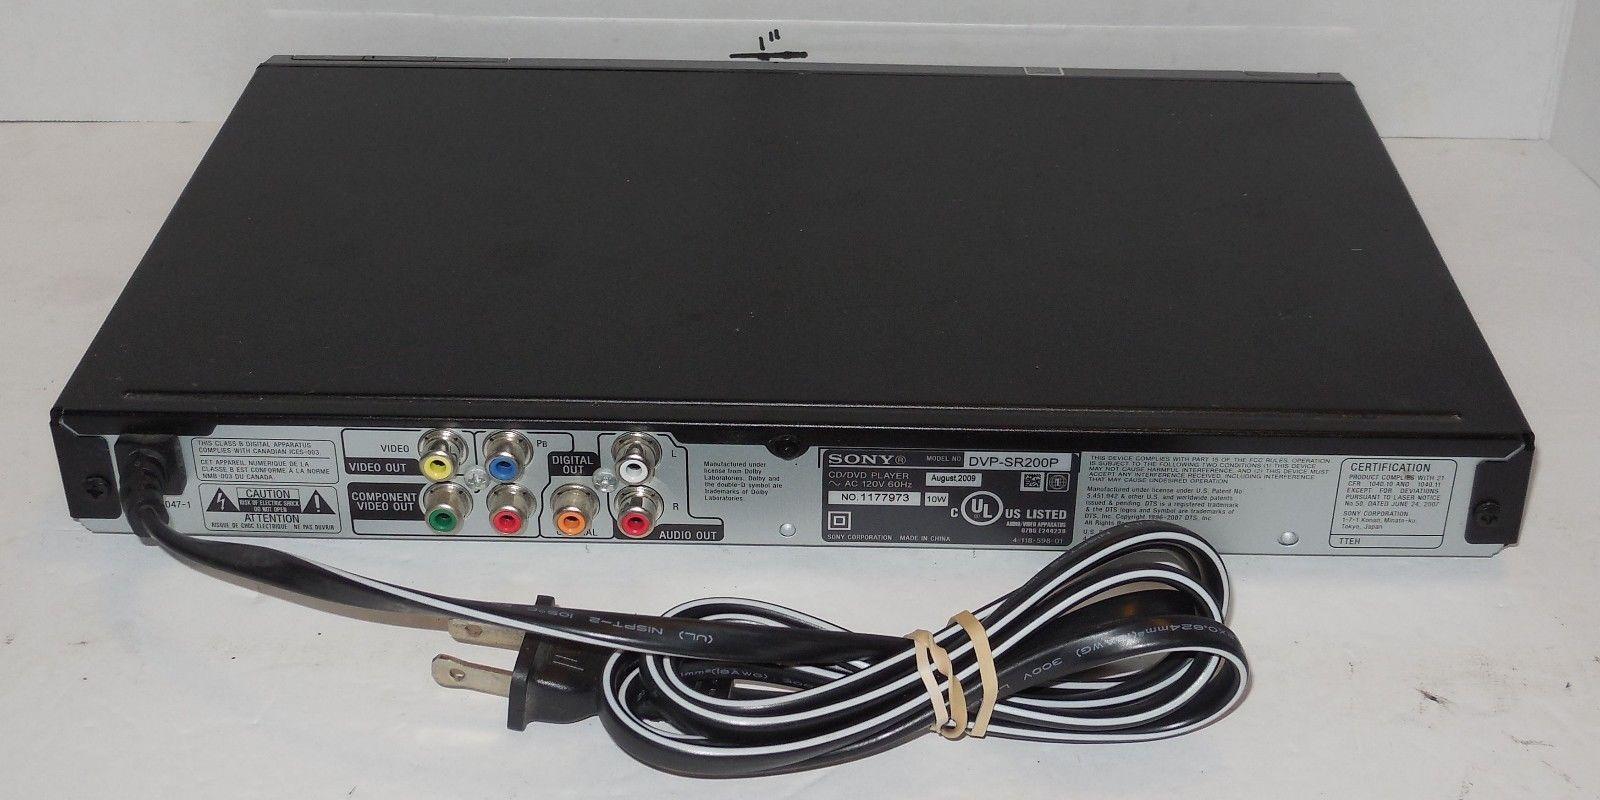 ... Sony Progressive Scan DVP-SR200P Black Slim CD & DVD Player No Remote  ...